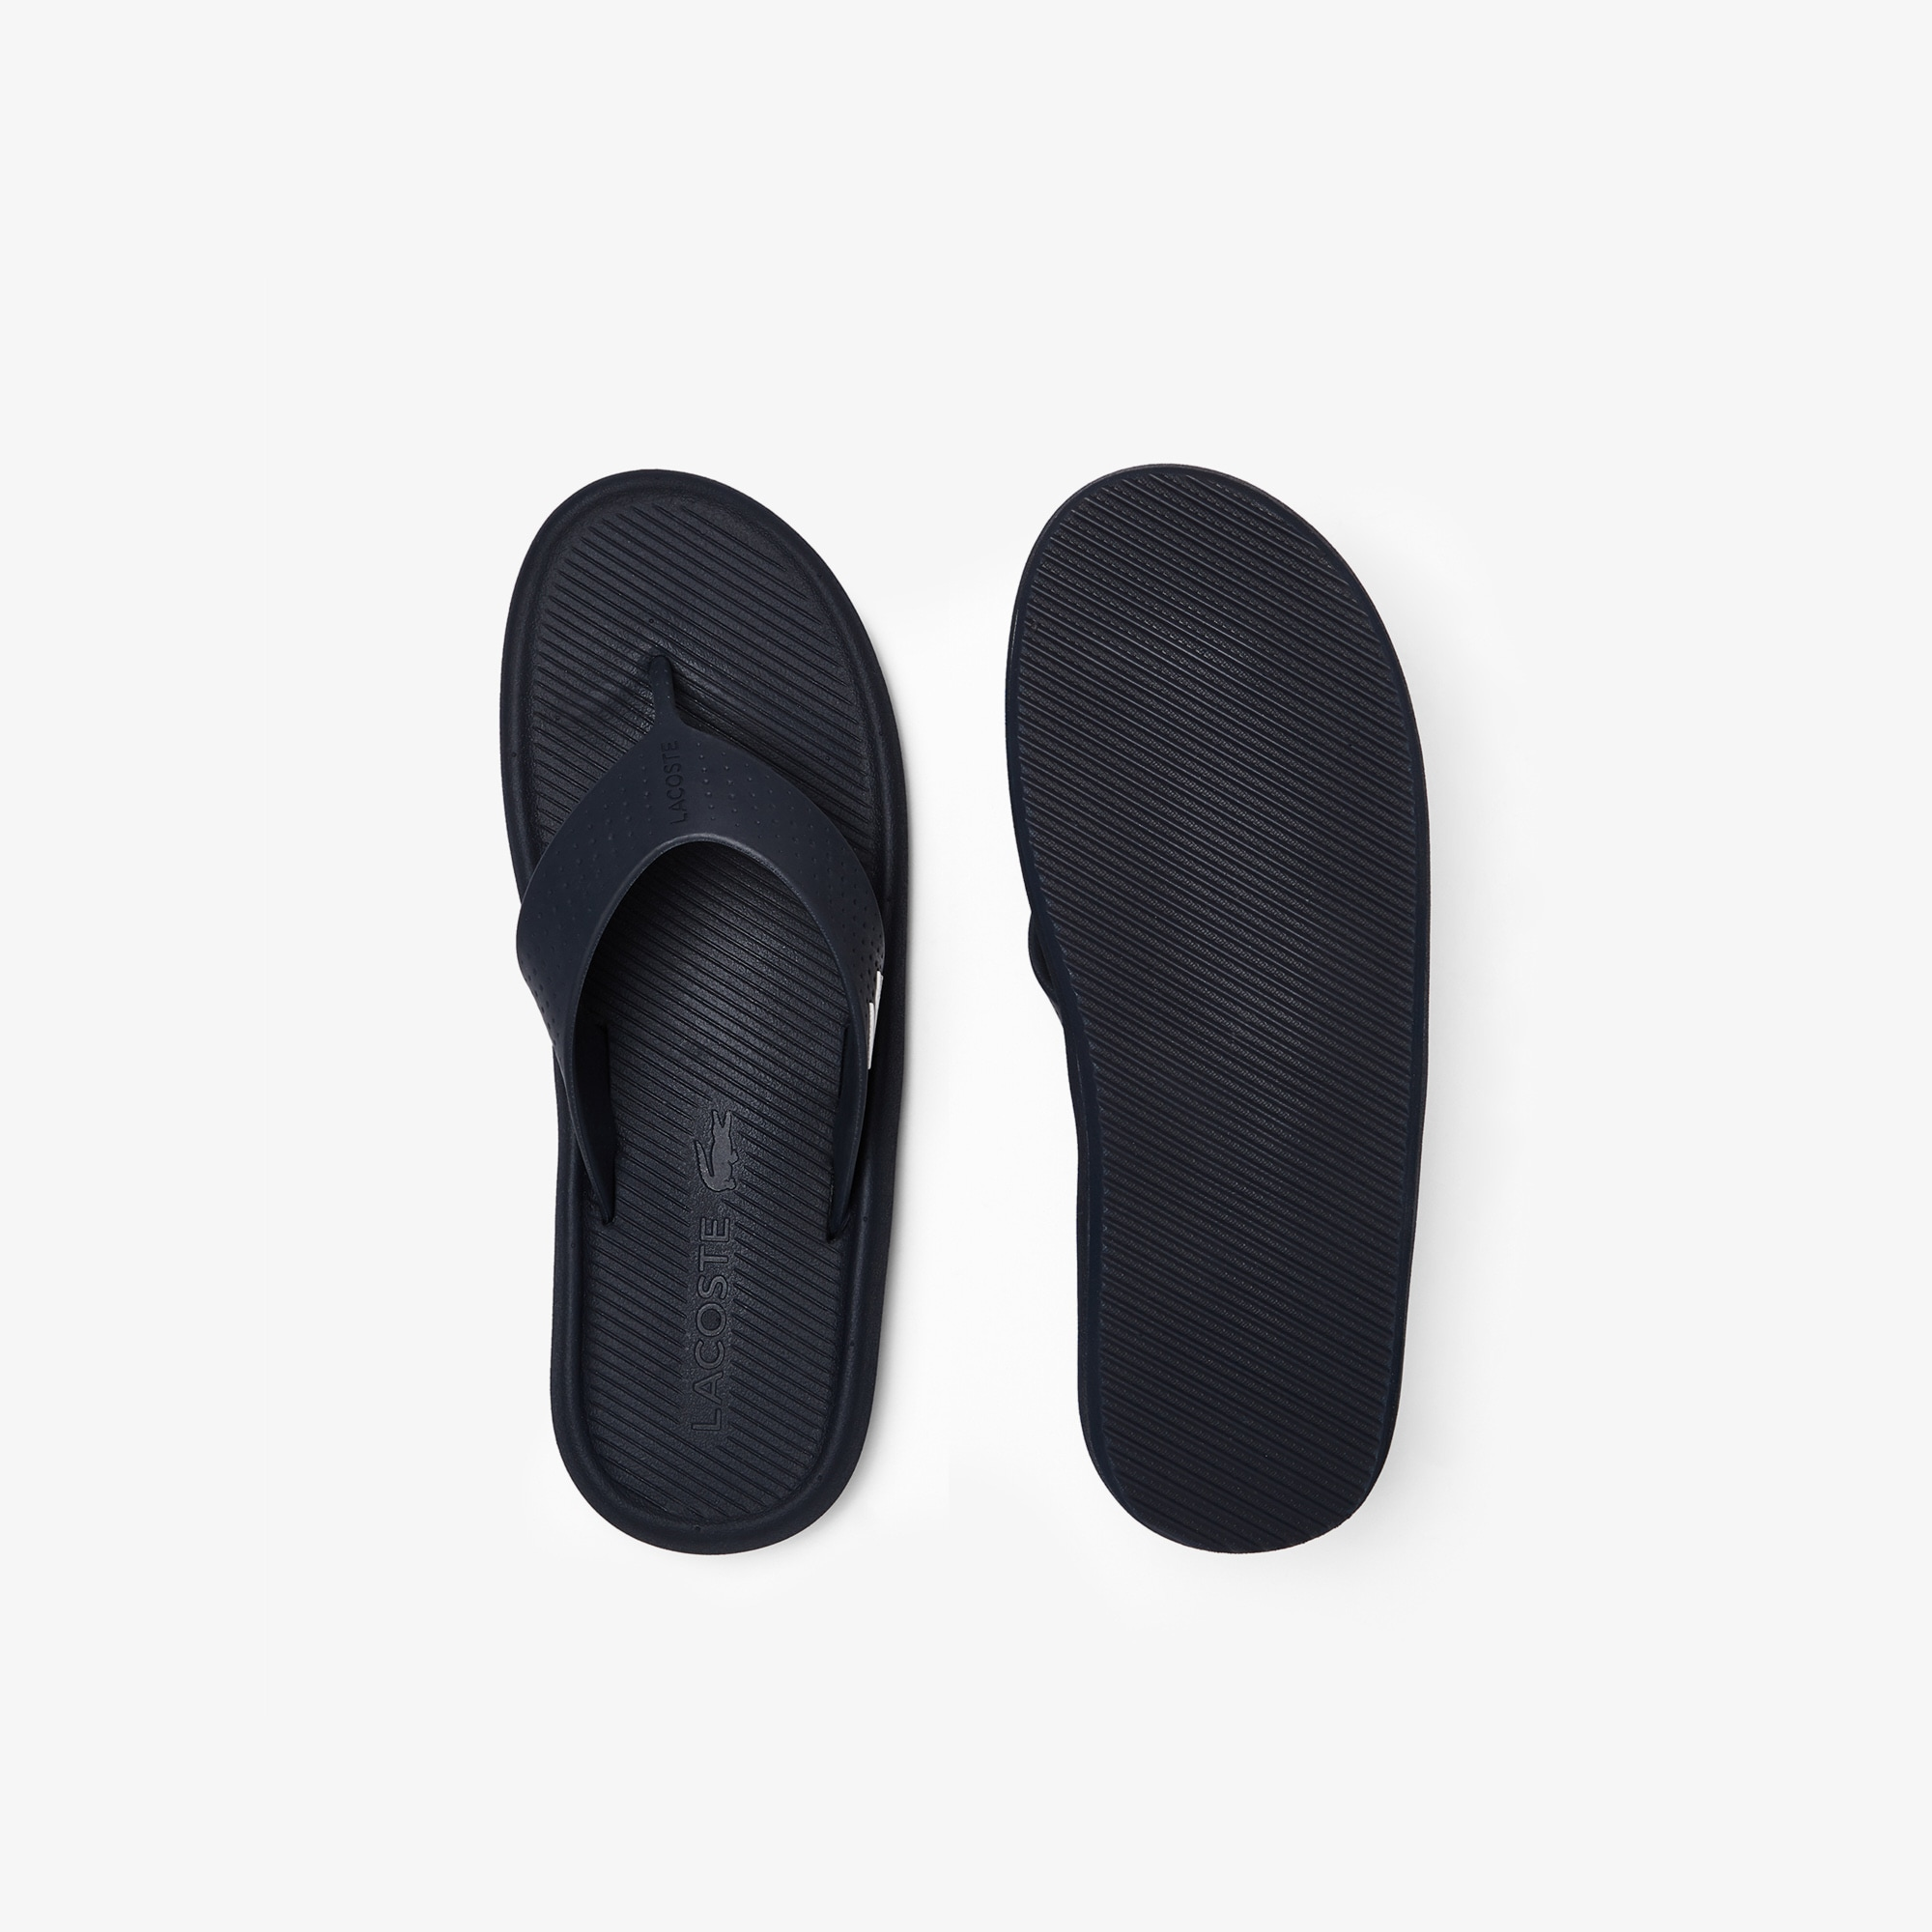 768db0c0d Men s Croco Sandal Rubber Slides